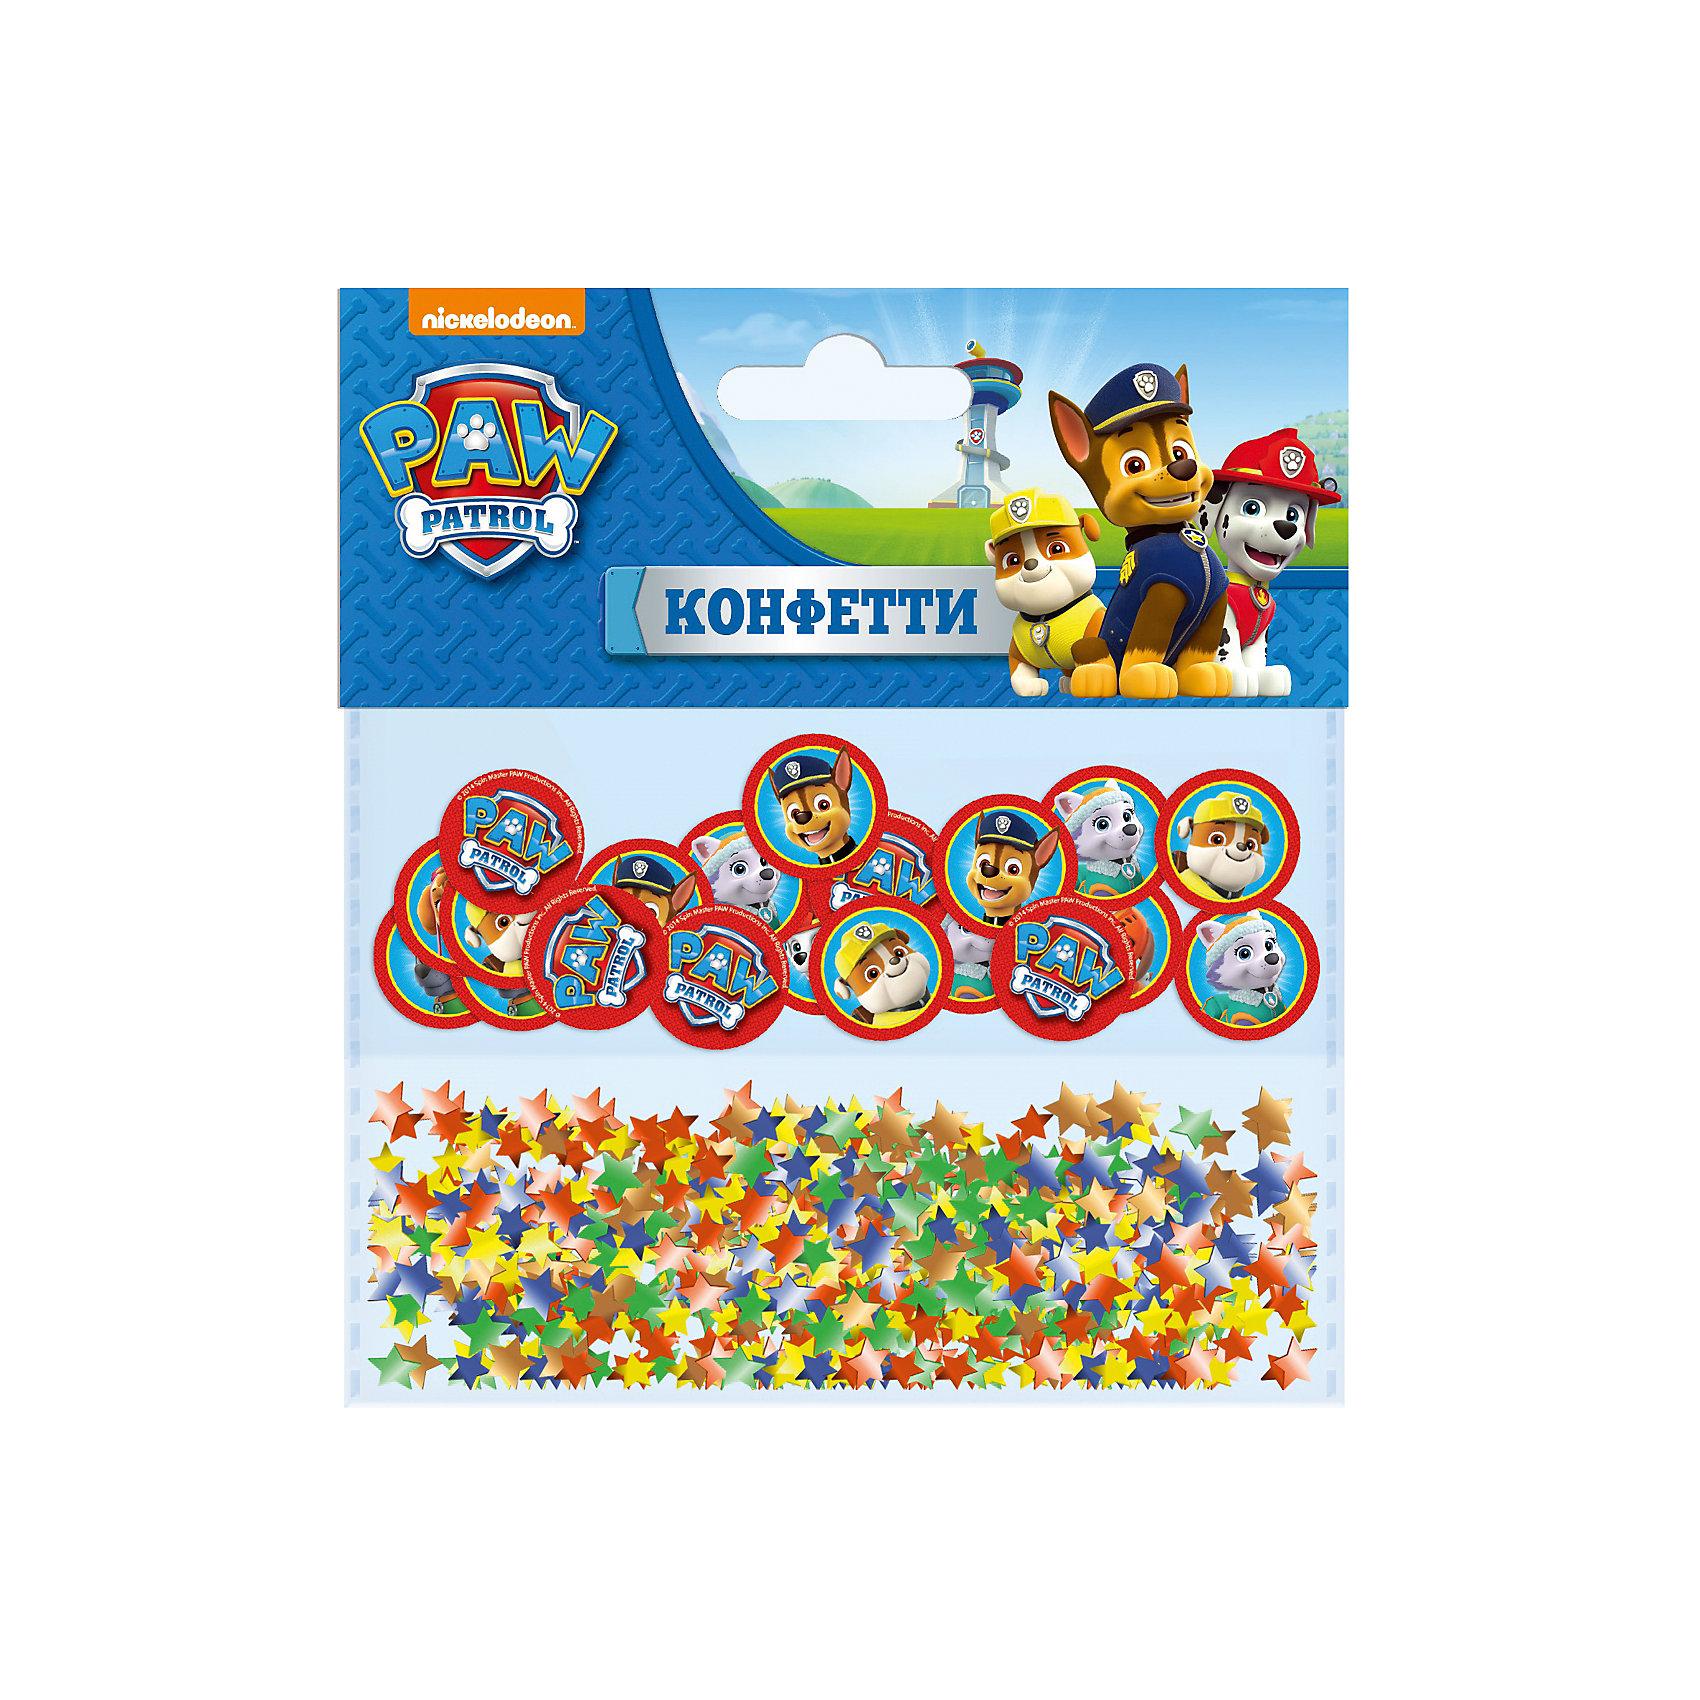 Конфетти 50 шт. с печатью, Щенячий патрульУкрасьте детский праздник необыкновенным конфетти в виде кружочков с любимыми героями мультфильма Щенячий патруль и разноцветных звездочек. Такое торжественное дополнение будет встречено дружным восторгом ребят и подарит всем отличное настроение.&#13;<br>В упаковке 7 г разноцветного фигурного бумажного конфетти в форме звездочек и 50 круглых конфетти с изображением героев мультфильма Щенячий патруль. Упаковка - пакет с хедером.<br><br>Ширина мм: 110<br>Глубина мм: 115<br>Высота мм: 70<br>Вес г: 15<br>Возраст от месяцев: 36<br>Возраст до месяцев: 2147483647<br>Пол: Унисекс<br>Возраст: Детский<br>SKU: 5453482